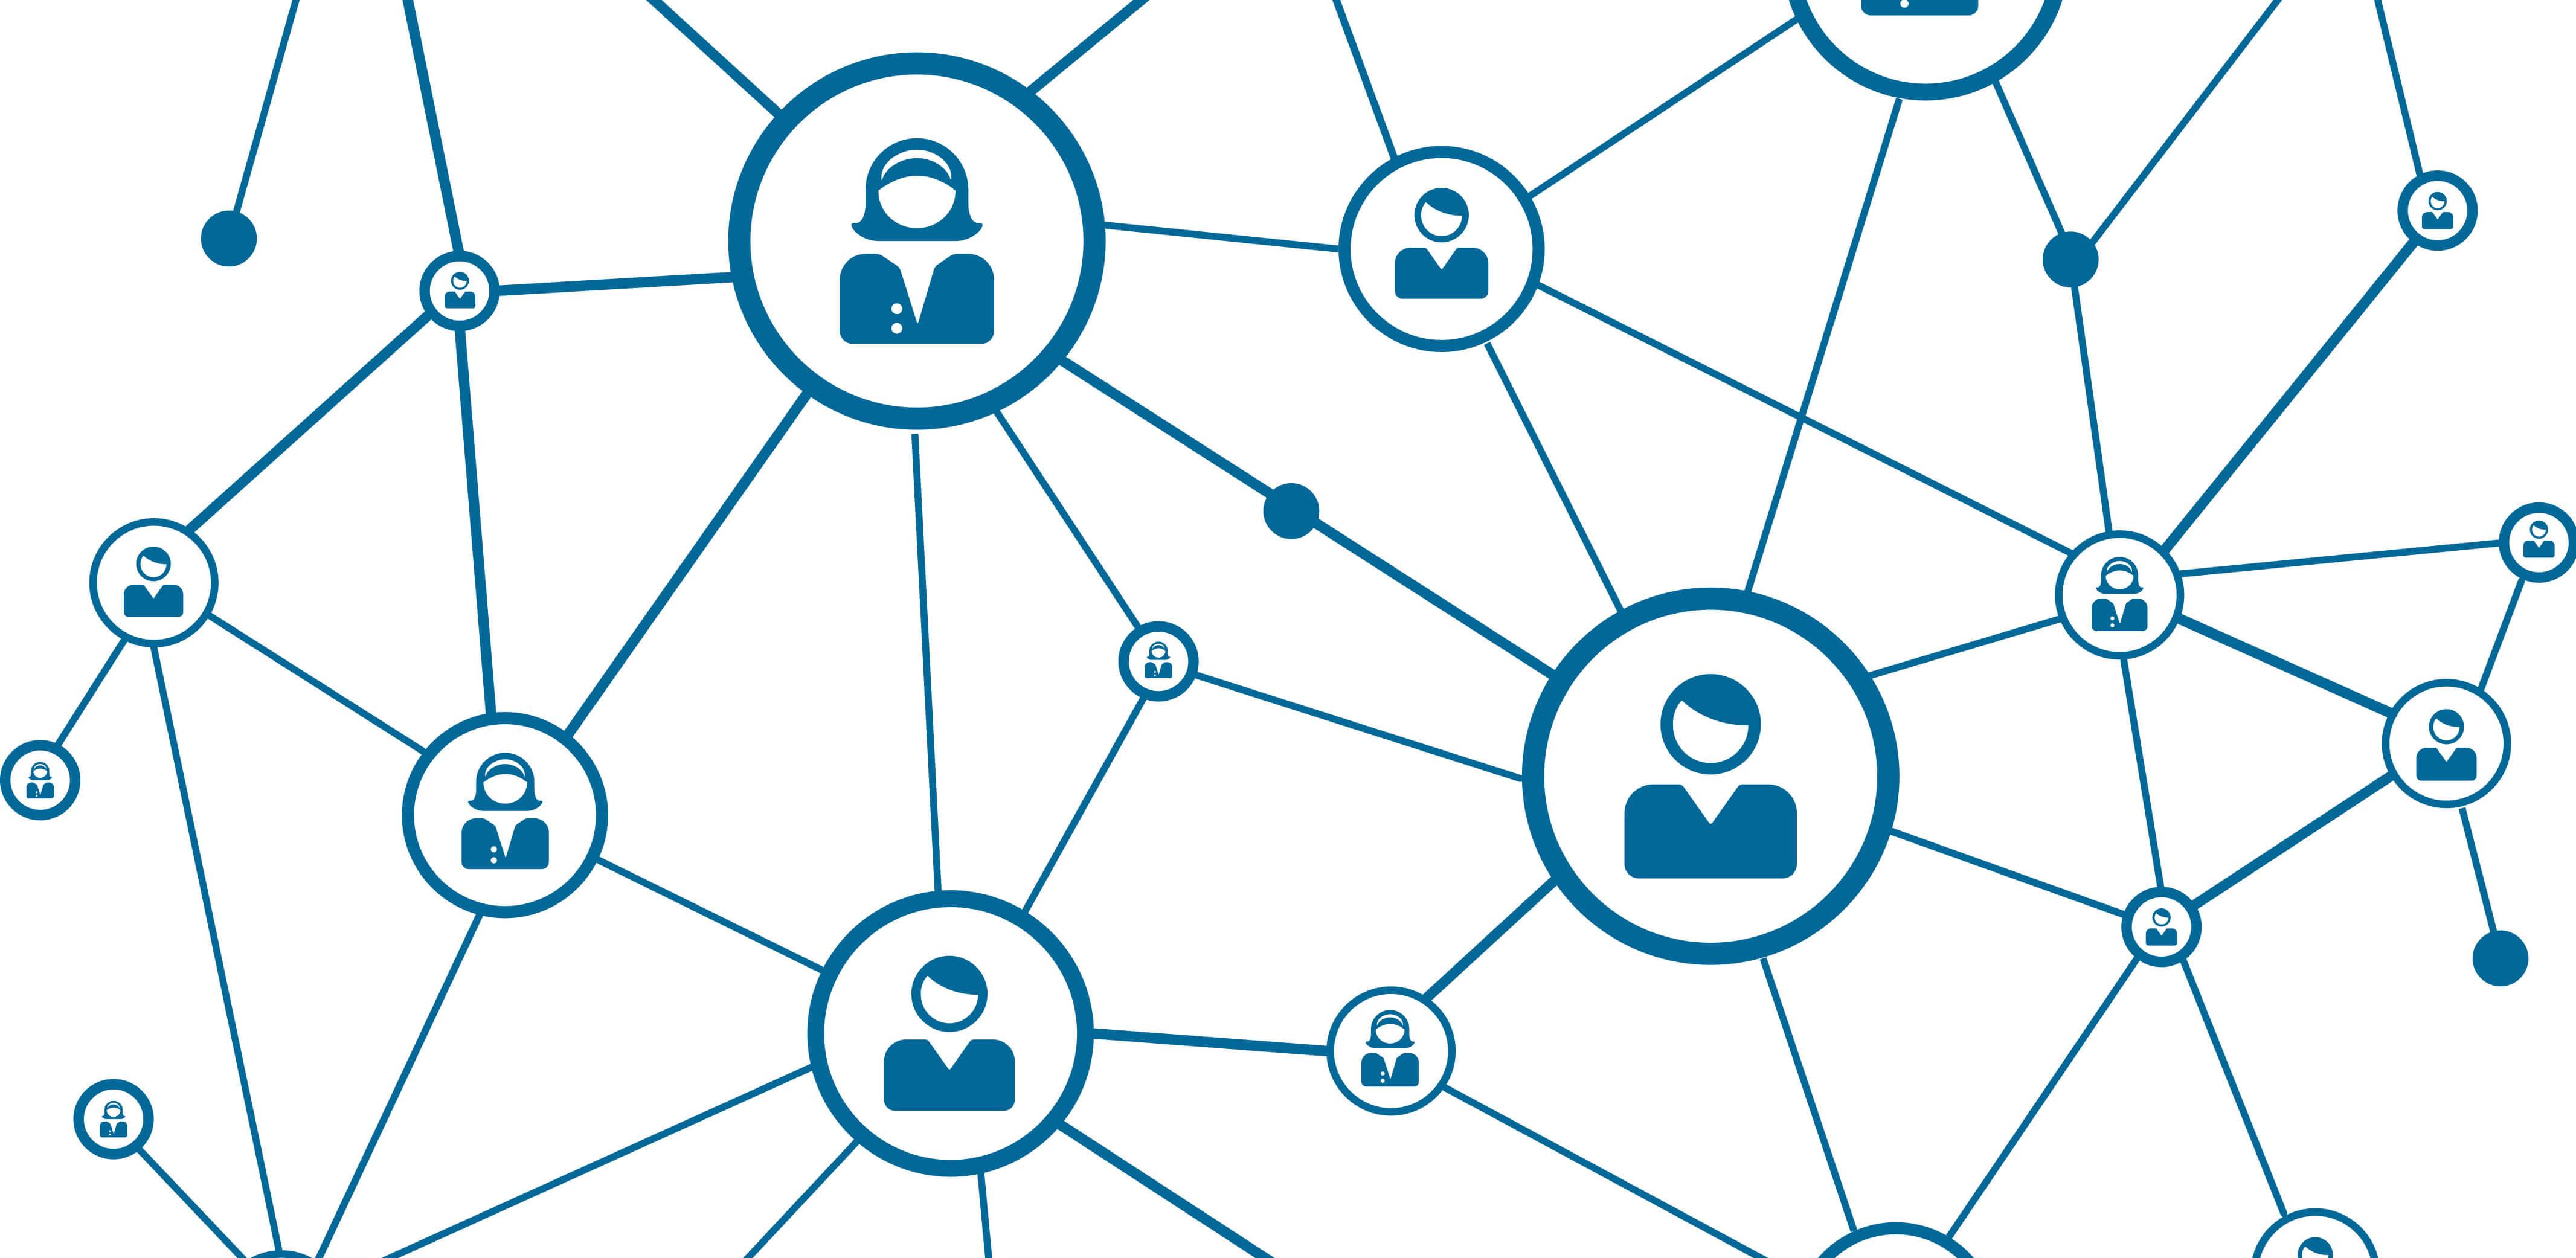 Les réseaux sociaux et nos usages